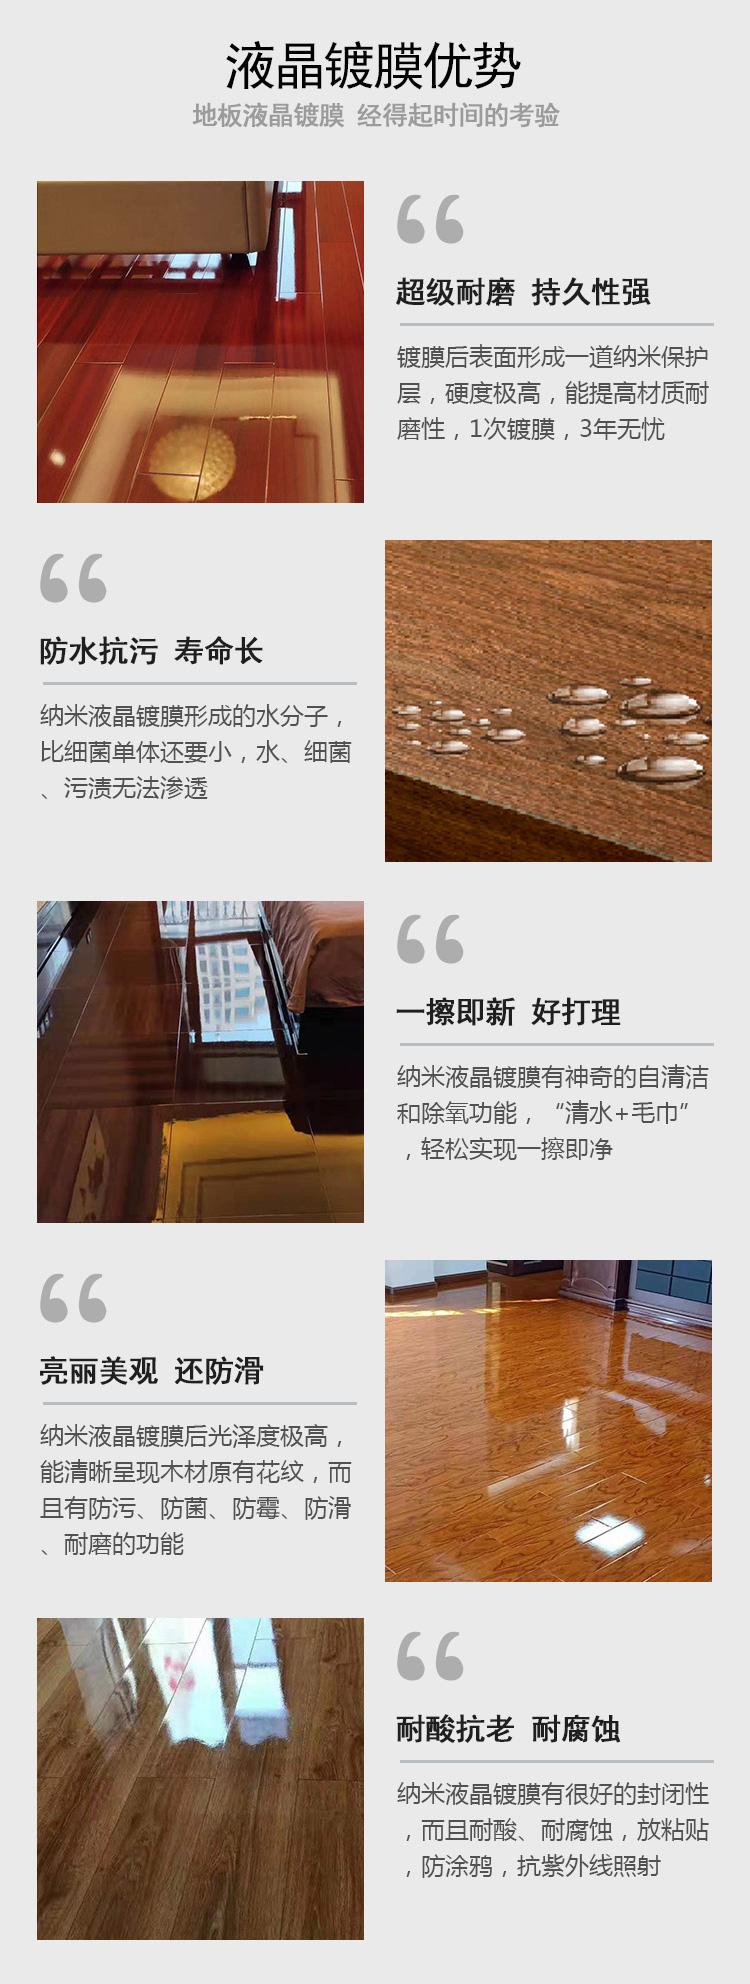 地板纳米液晶镀膜优势